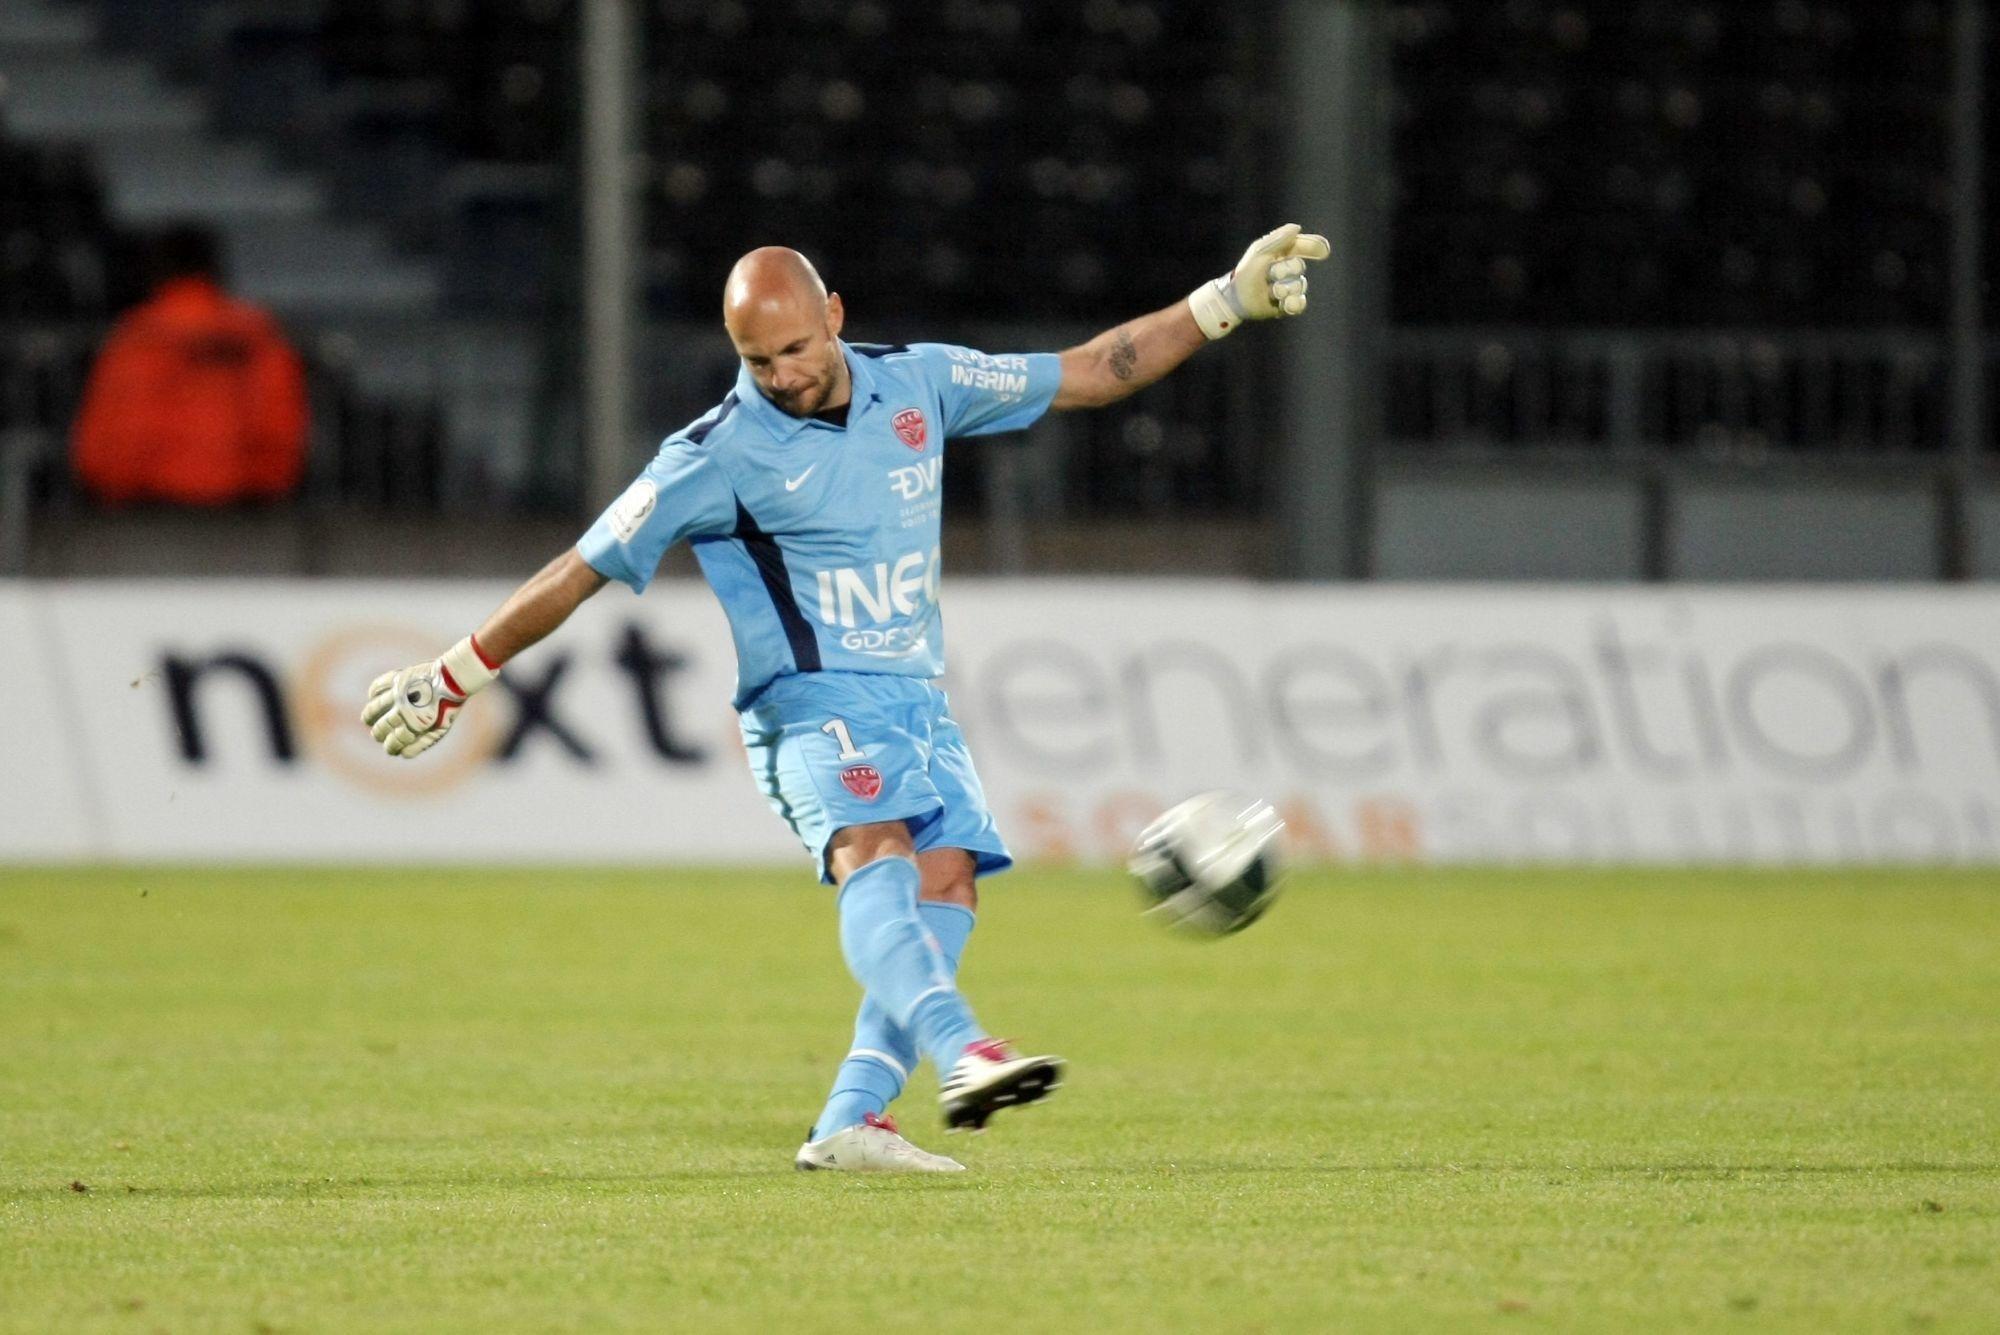 Officiel - Padovani rejoint le staff d'entraîneurs des gardiens du PSG